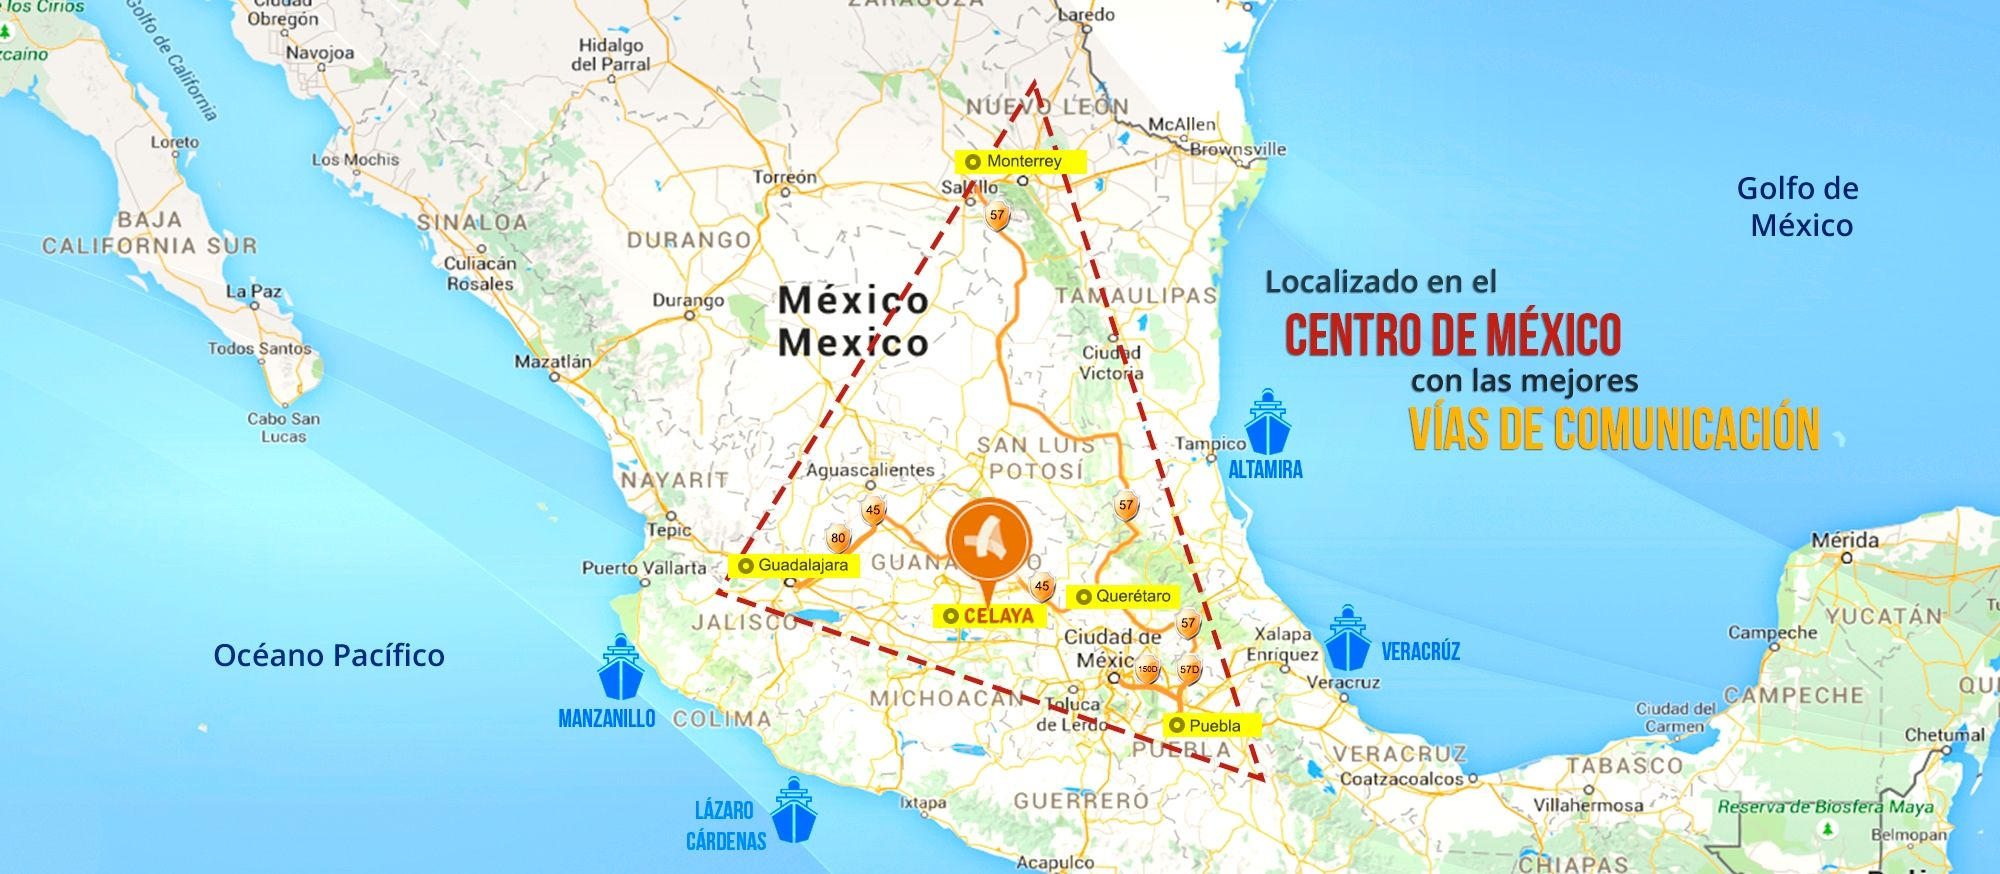 Parque Ayalkar Localizado en el centro de México